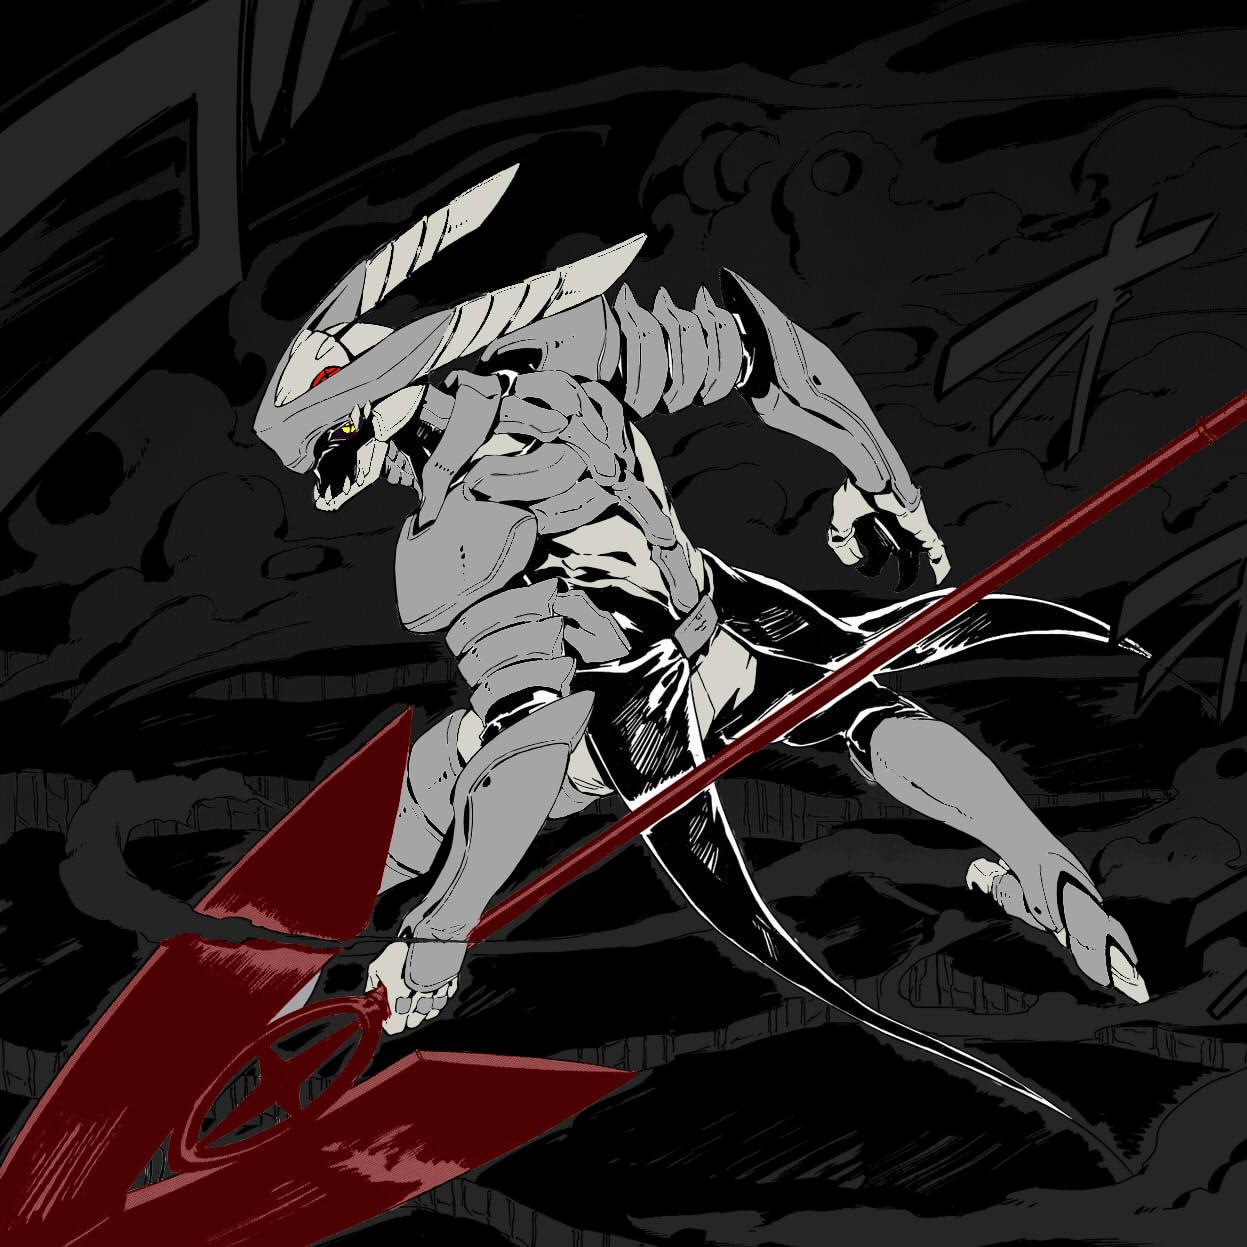 Incursio's Evolution by Daemon-Fyre on DeviantArt